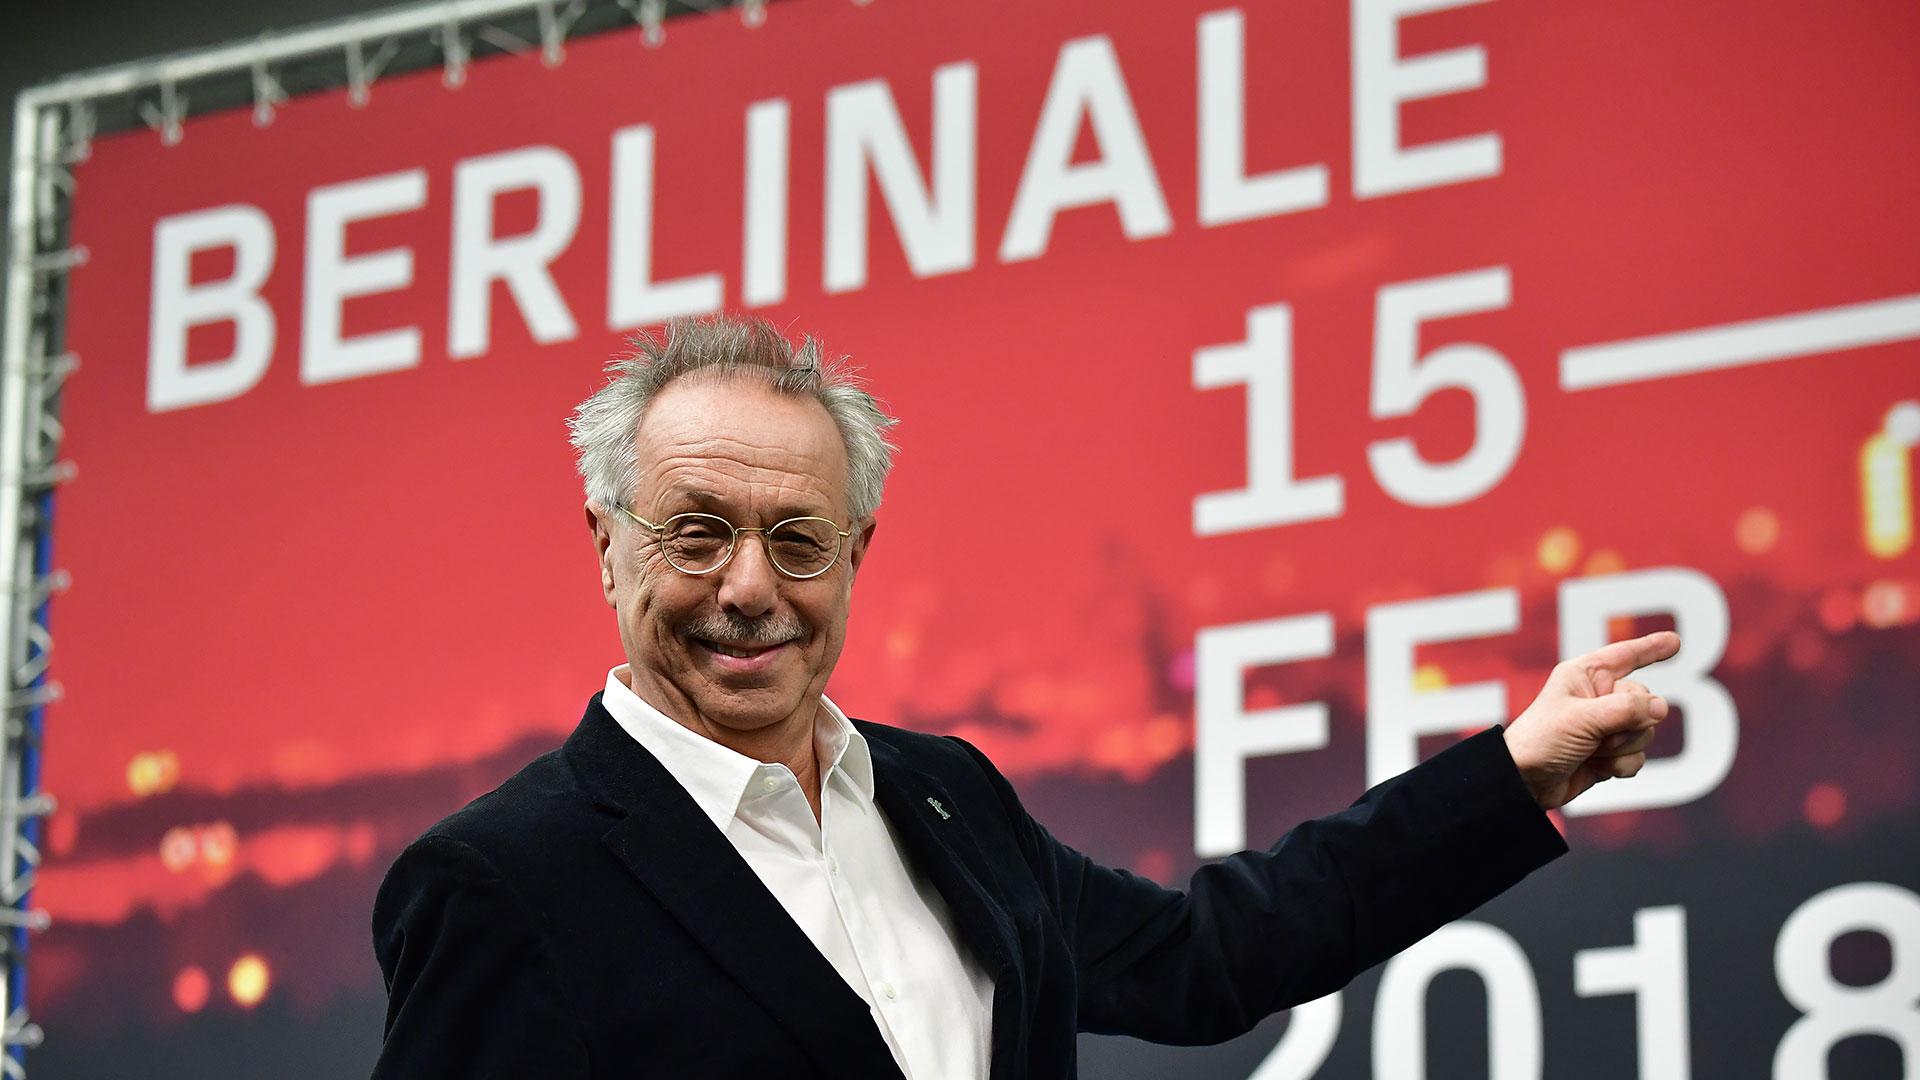 El director del Festival, Dieter Kosslick, se comprometió a que sea un espacio para debatir la problemática de género (AFP)